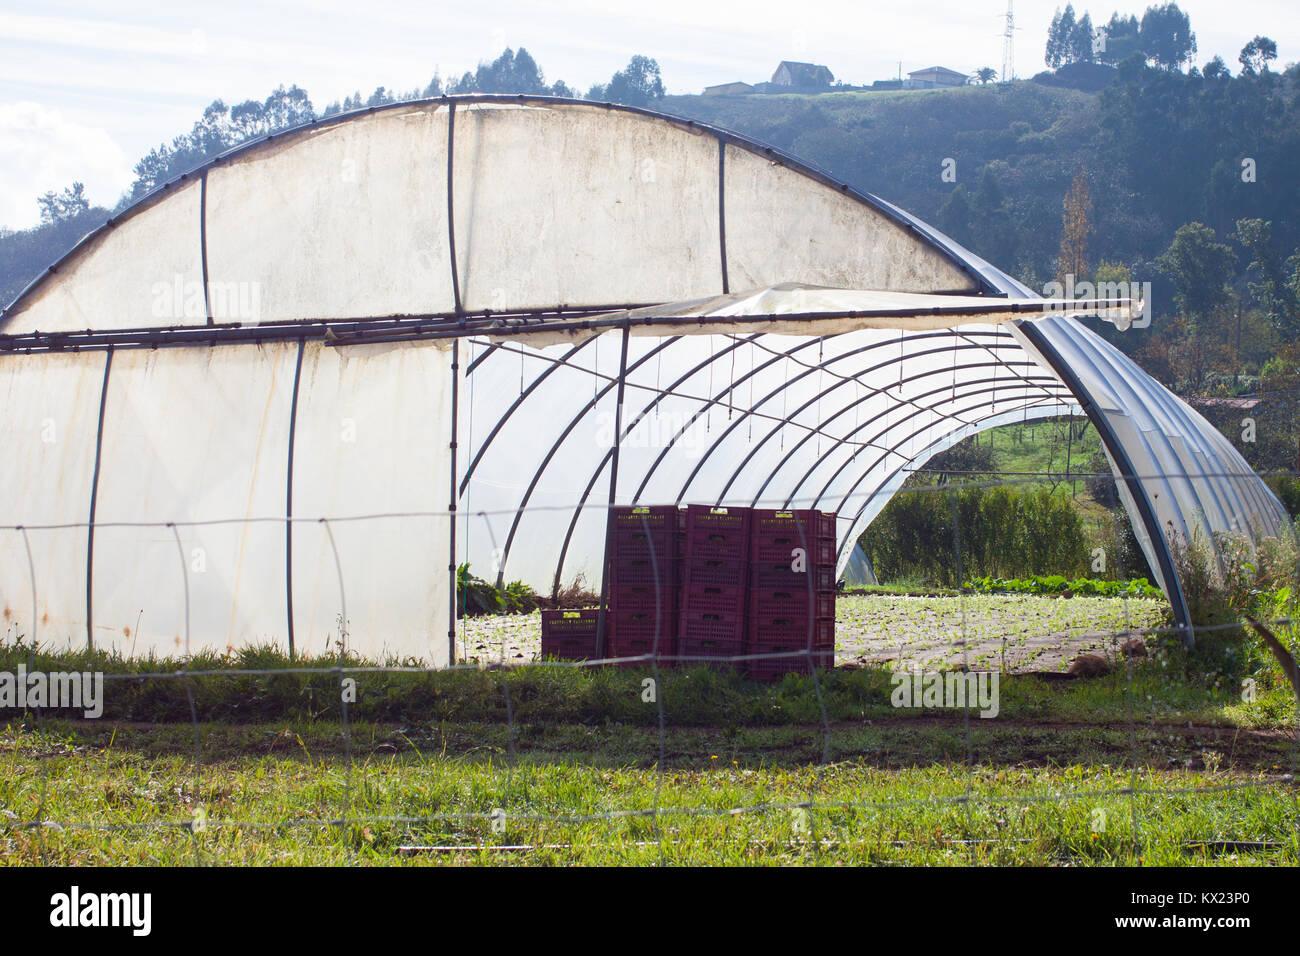 Tunnel Plastica Per Ortaggi.Serra Di Plastica Per La Coltivazione Di Ortaggi Biologici Nelle